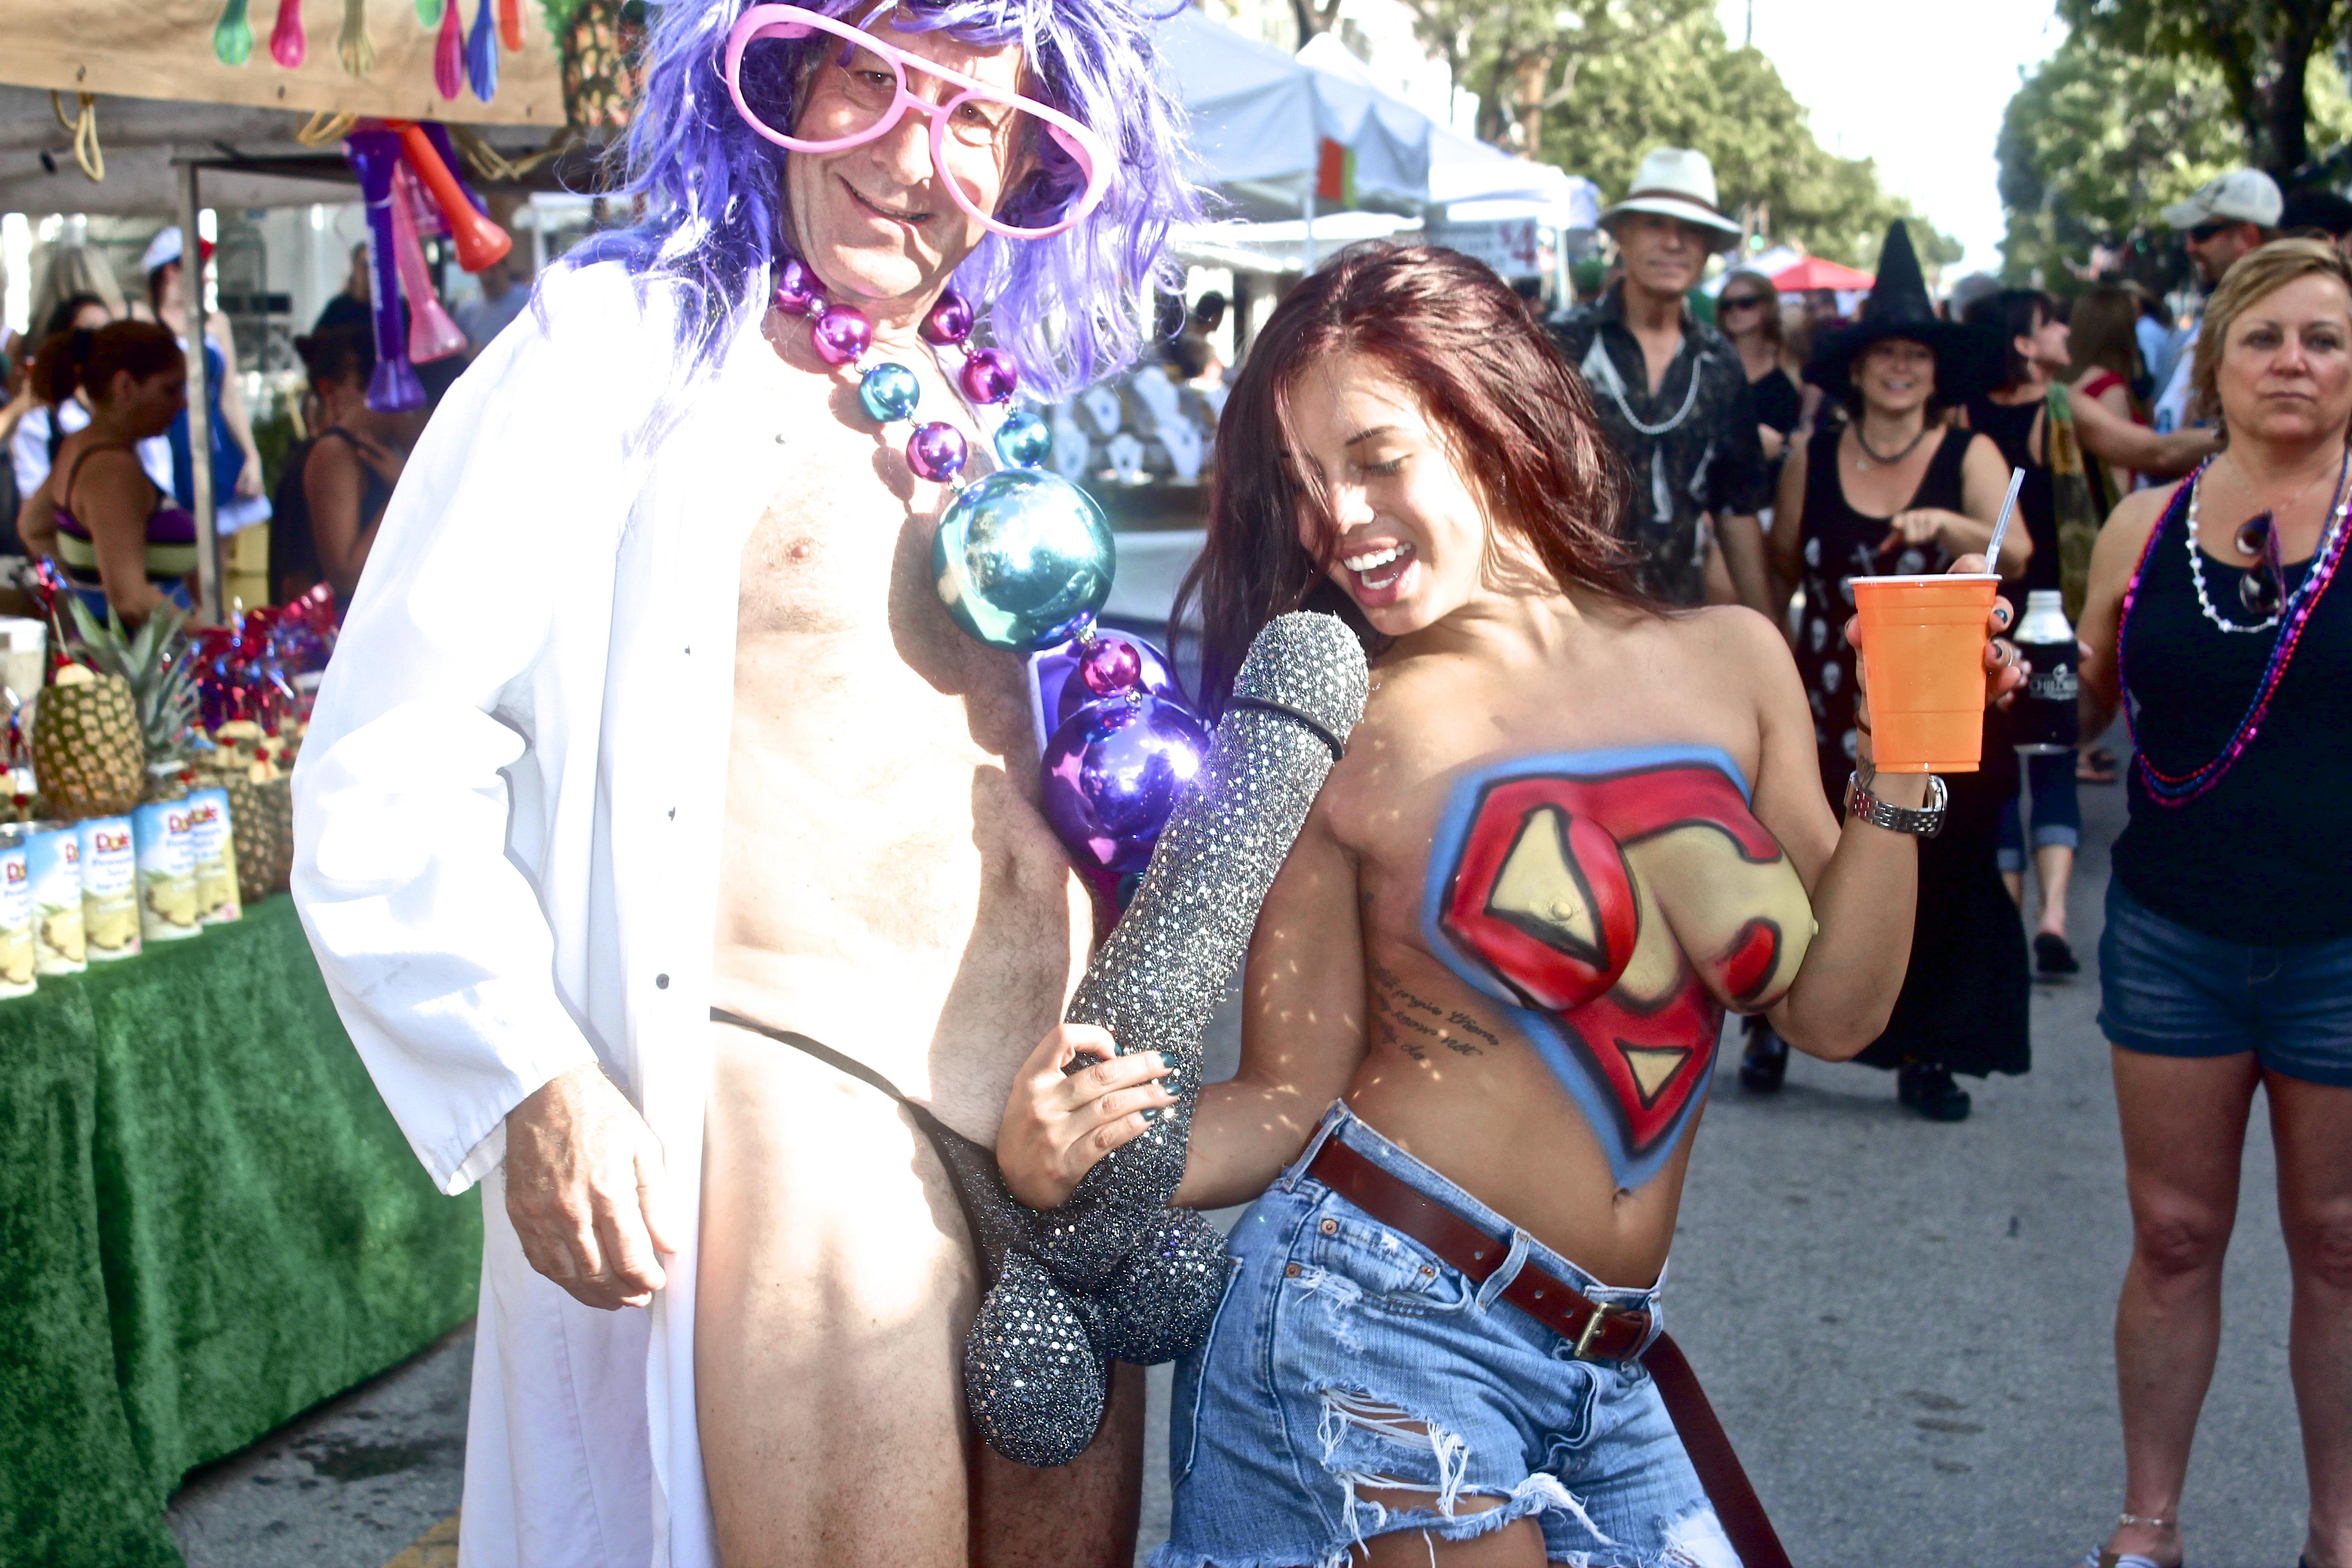 from Nehemiah gay nude beaches fla keys